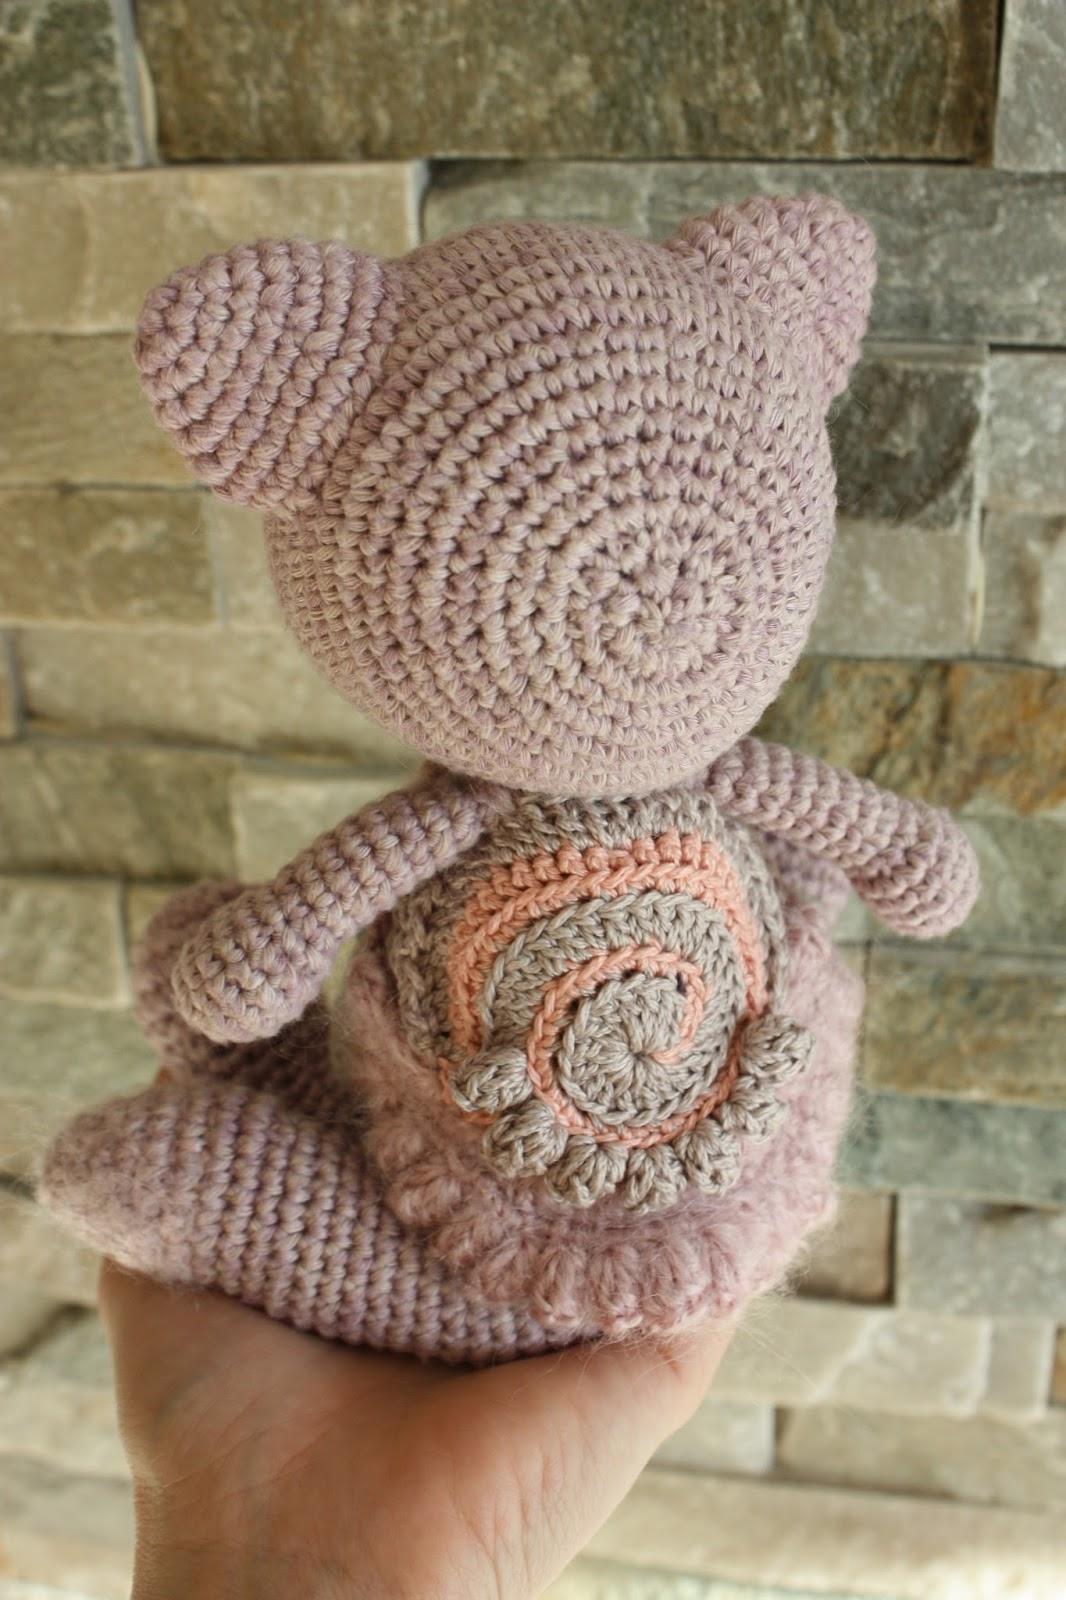 Happyamigurumi Freeform Crochet And Amigurumi Toys